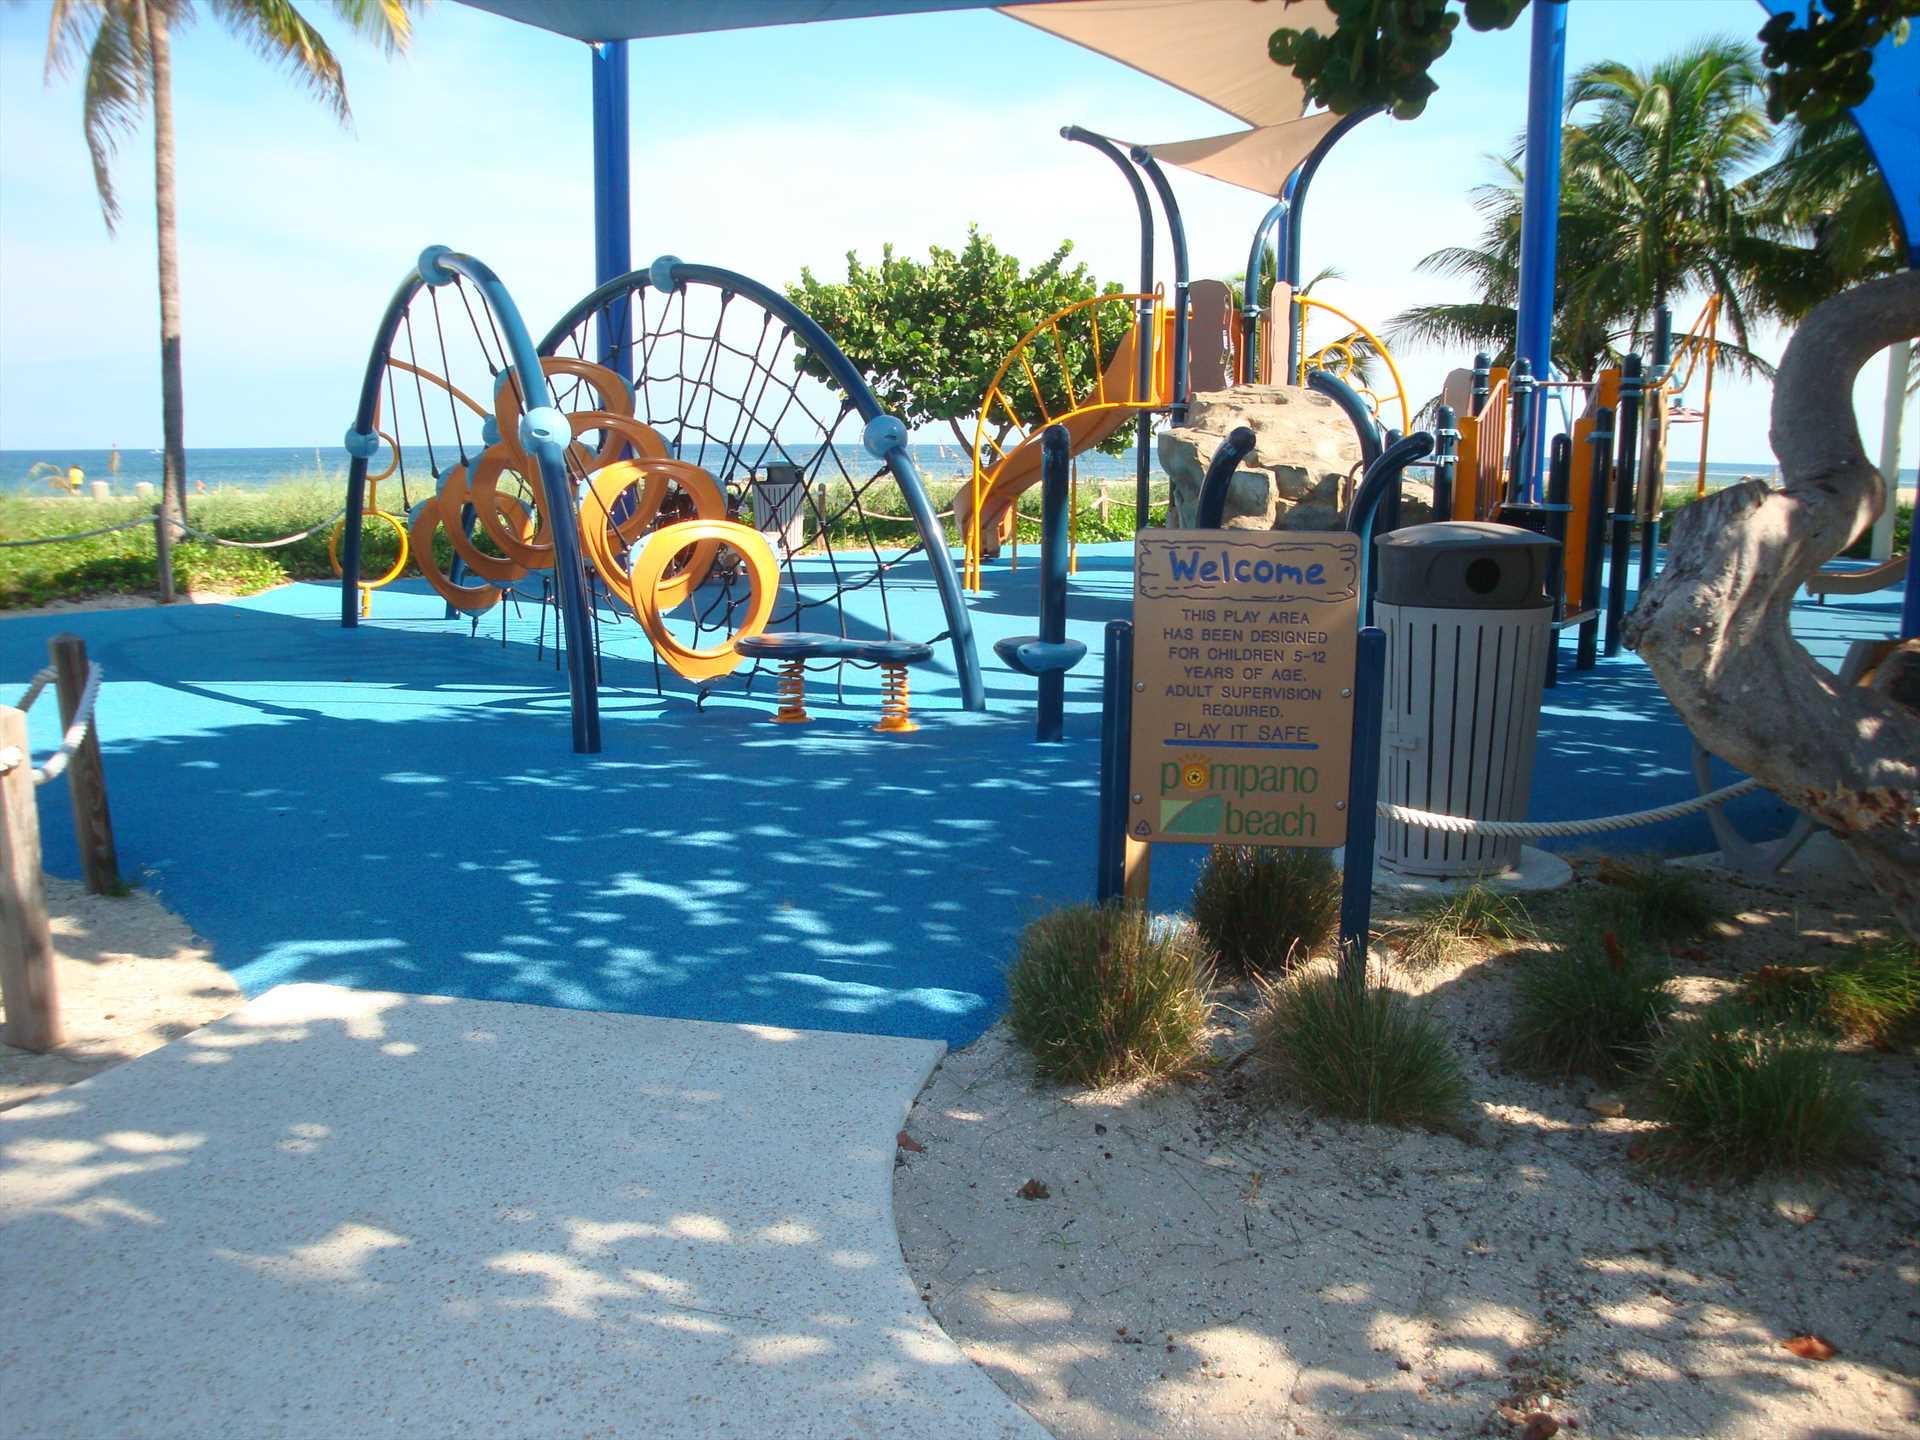 The kids will enjoy the beachfront playground.